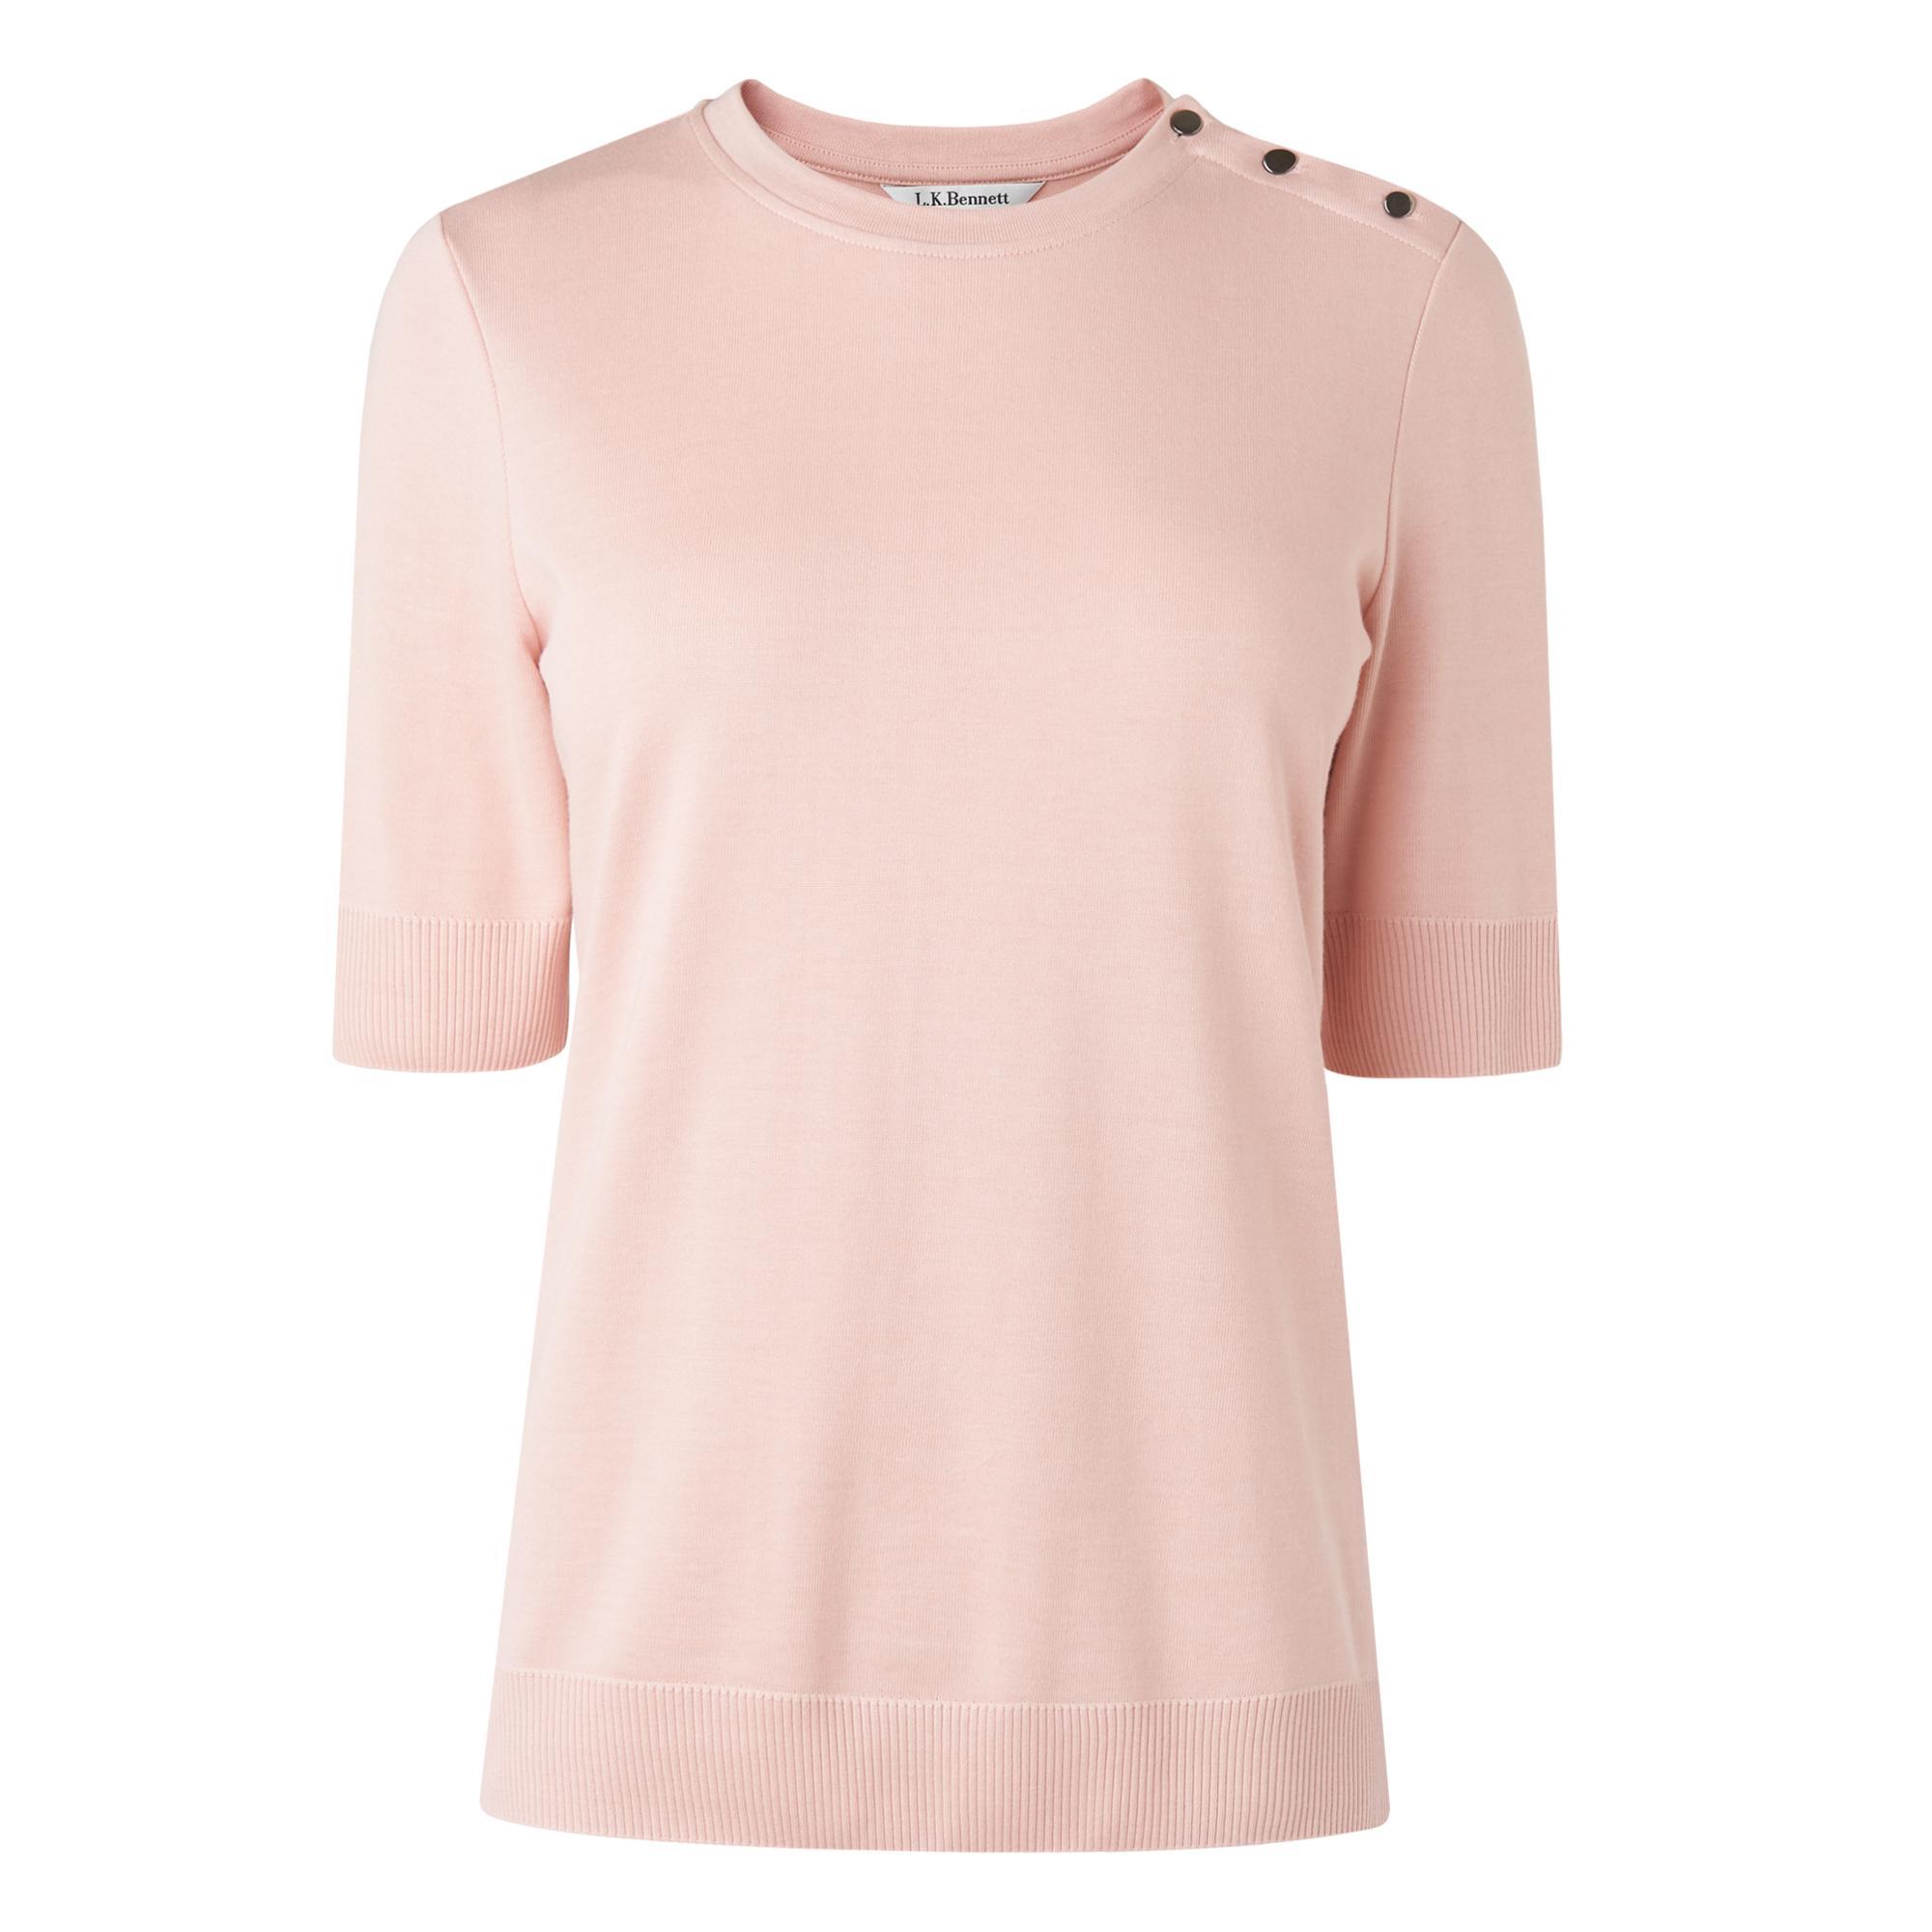 Andie Pink Top